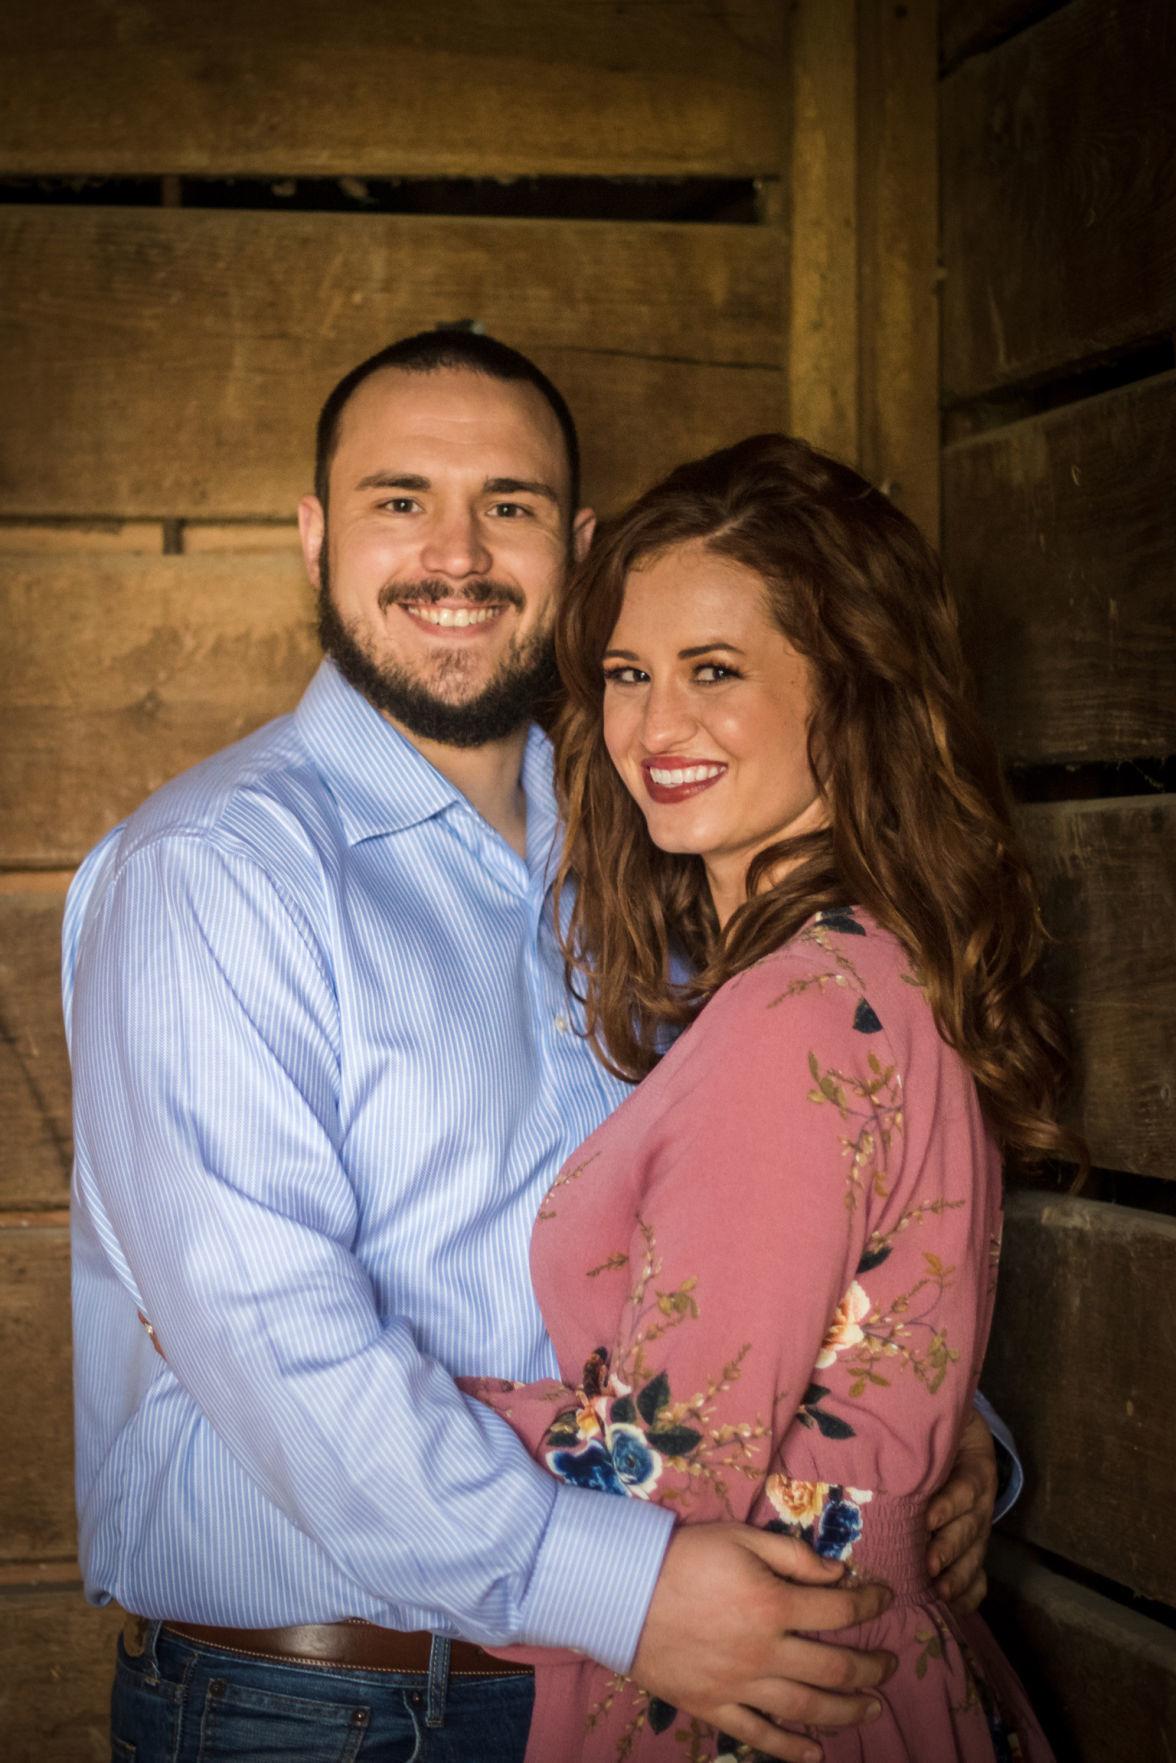 Shane Carlton and Jenna Doerr